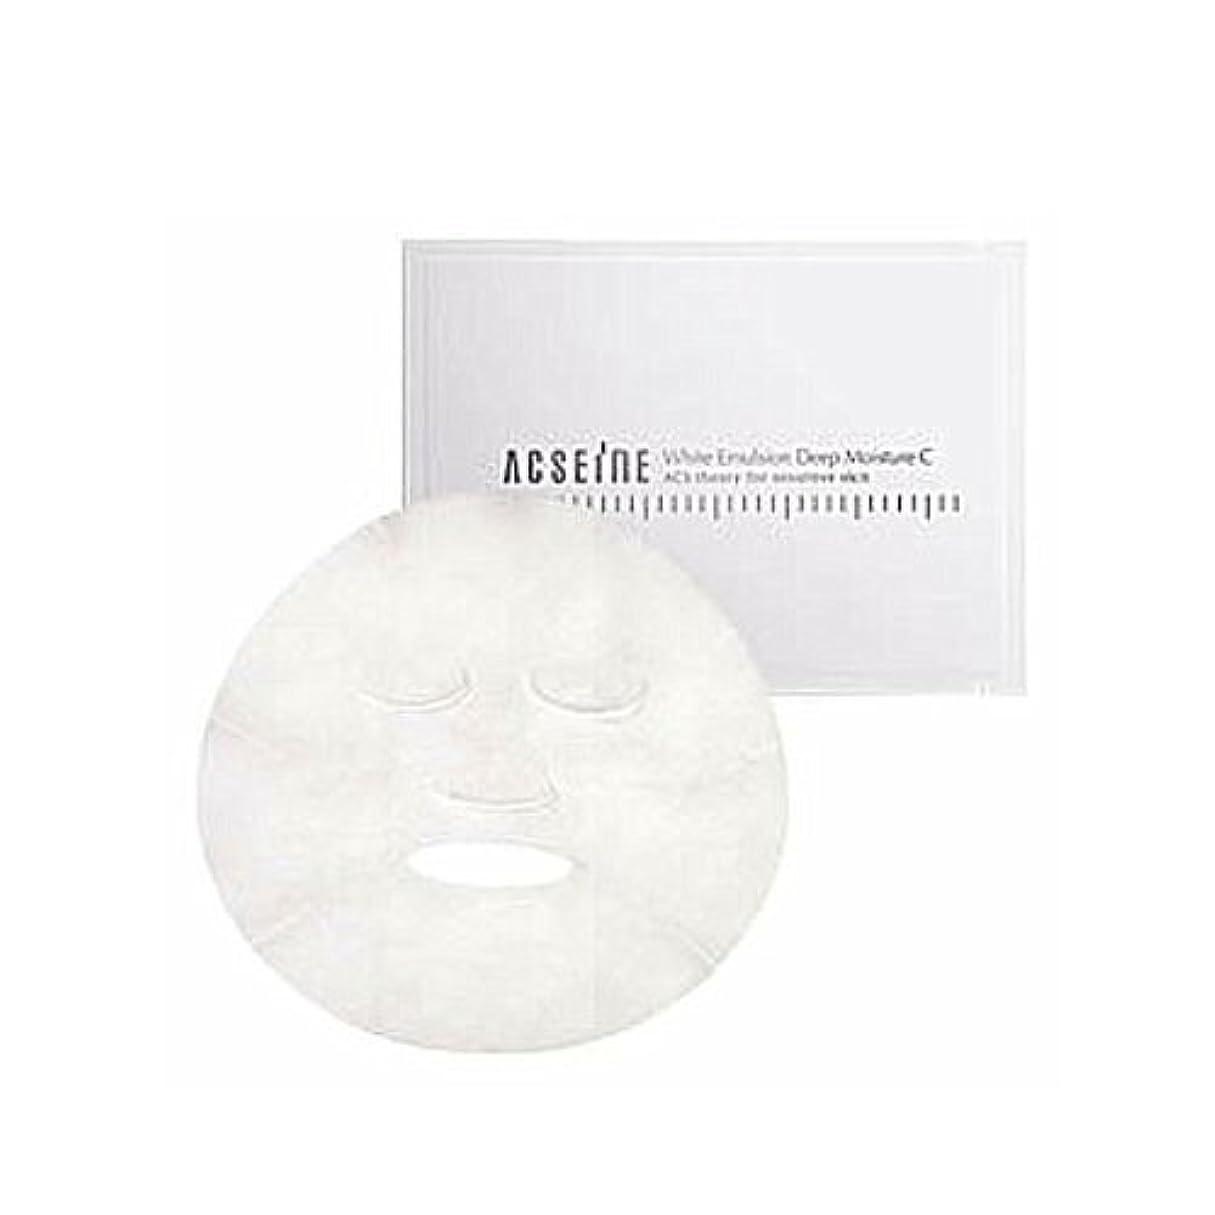 リズム薄い魅力的アクセーヌ ホワイト エマルジョン ディープモイスチュア Cマスク 22mL×8枚入